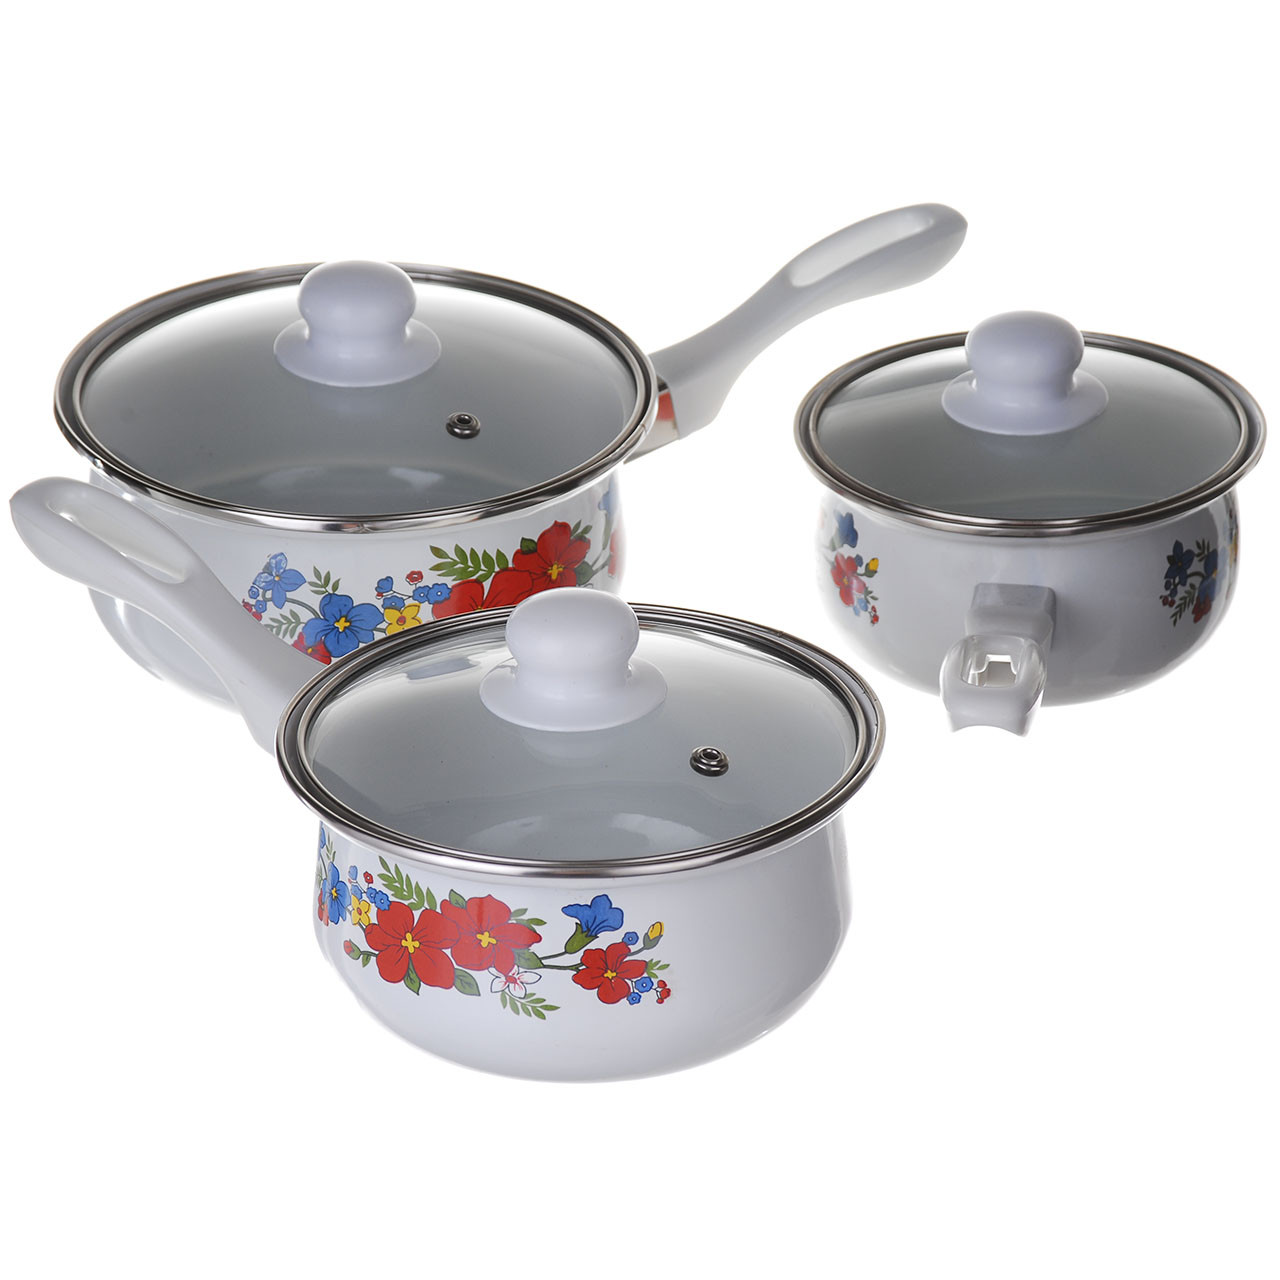 Ковші сотейники кухонні емальовані A-PLUS набір 3 шт